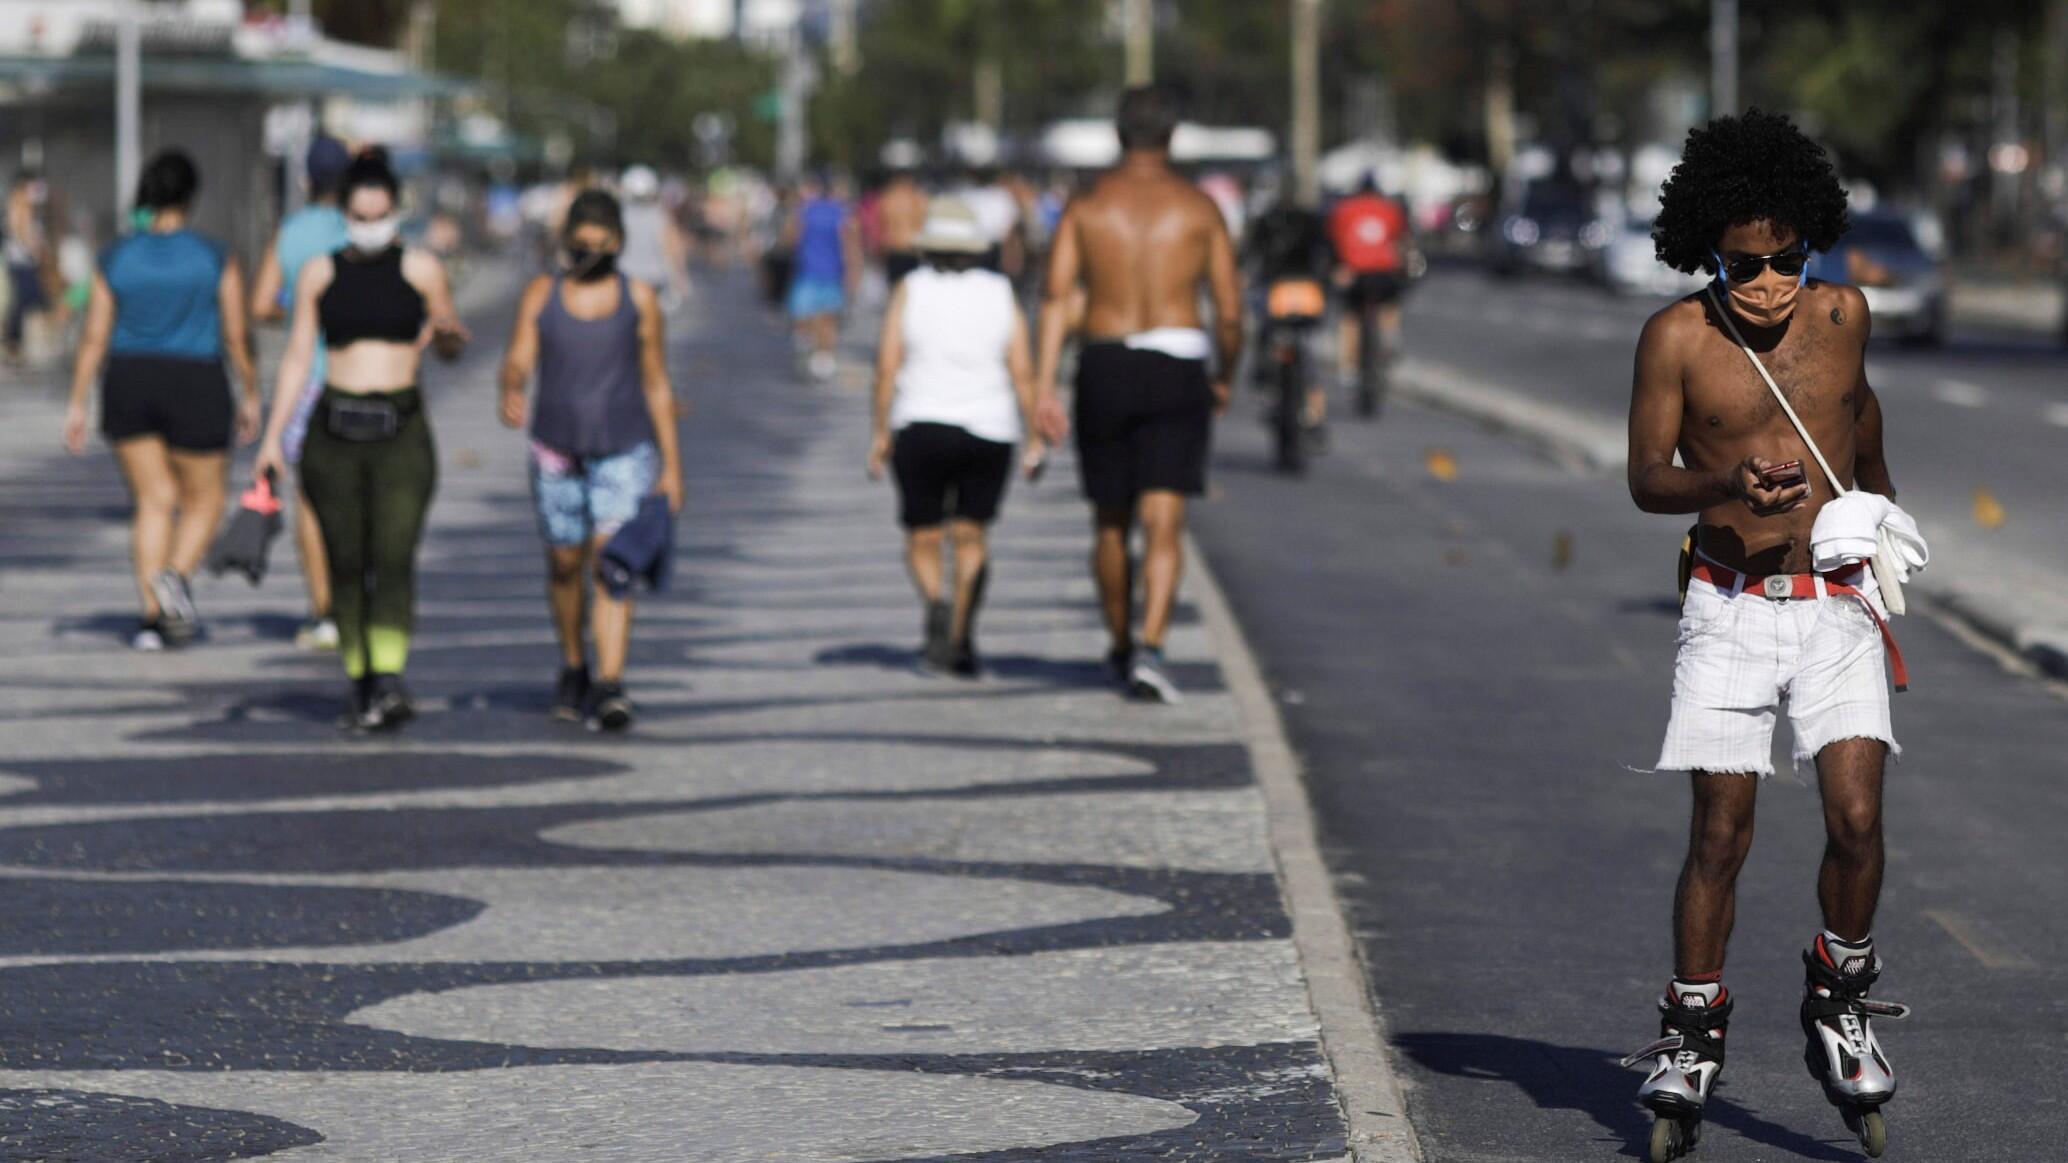 Se ven personas en la playa de Copacabana en medio del brote de la enfermedad por coronavirus en Río de Janeiro, Brasil, 28 de julio de 2020.